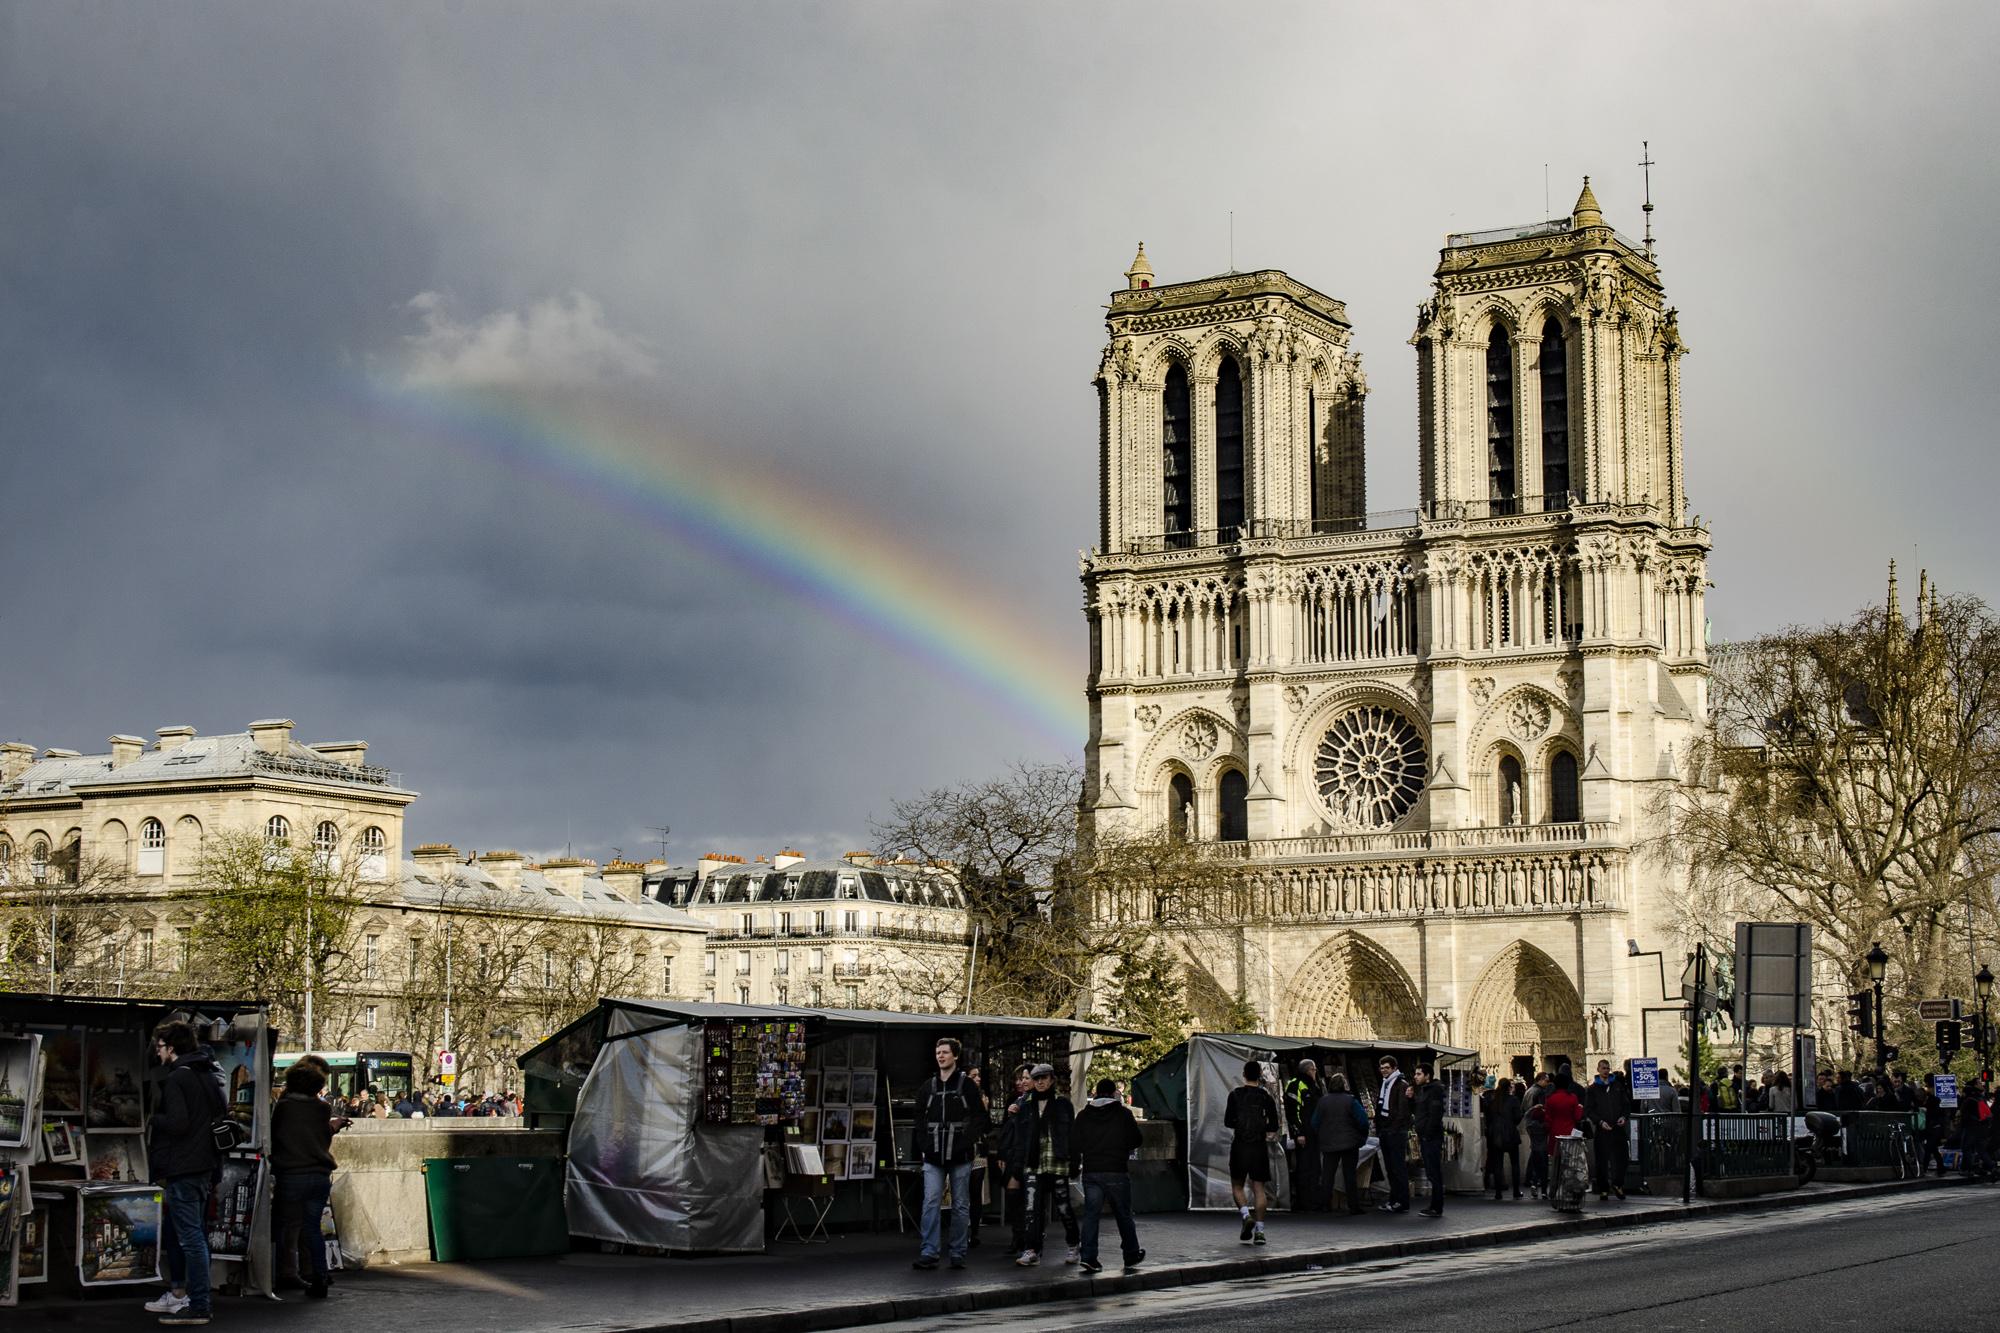 Notre Dame  PHOTOGRAPHY: ALEXANDER J.E. BRADLEY • NIKON D7000 • AF-S NIKKOR 24-70MM Ƒ/2.8G ED @ 36MM • Ƒ/13 • 1/125 • ISO 100